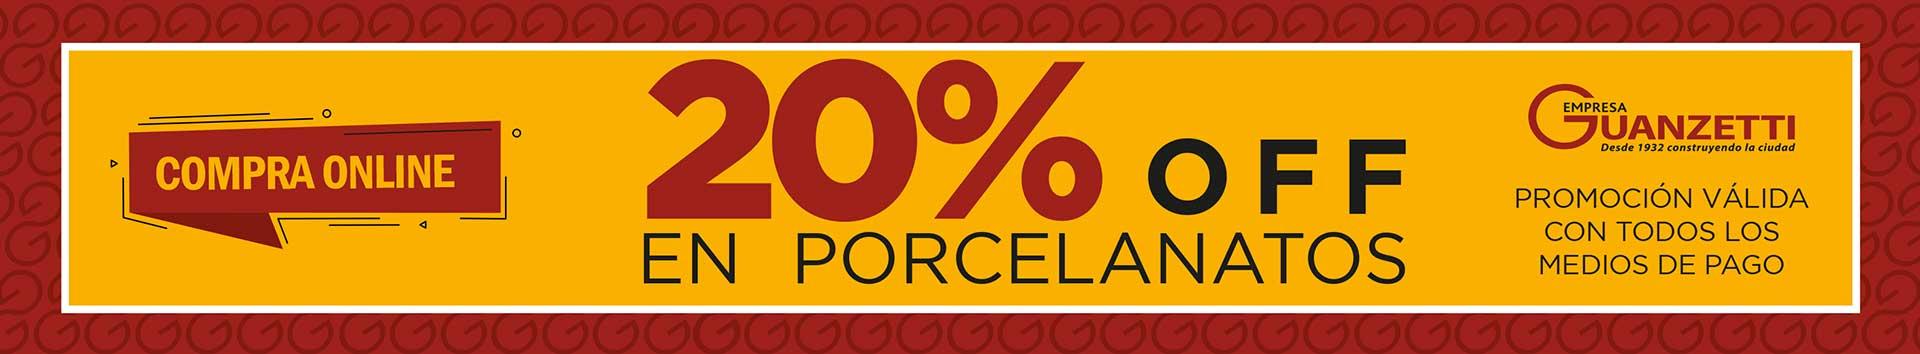 Descuento 20% en porcelanatos